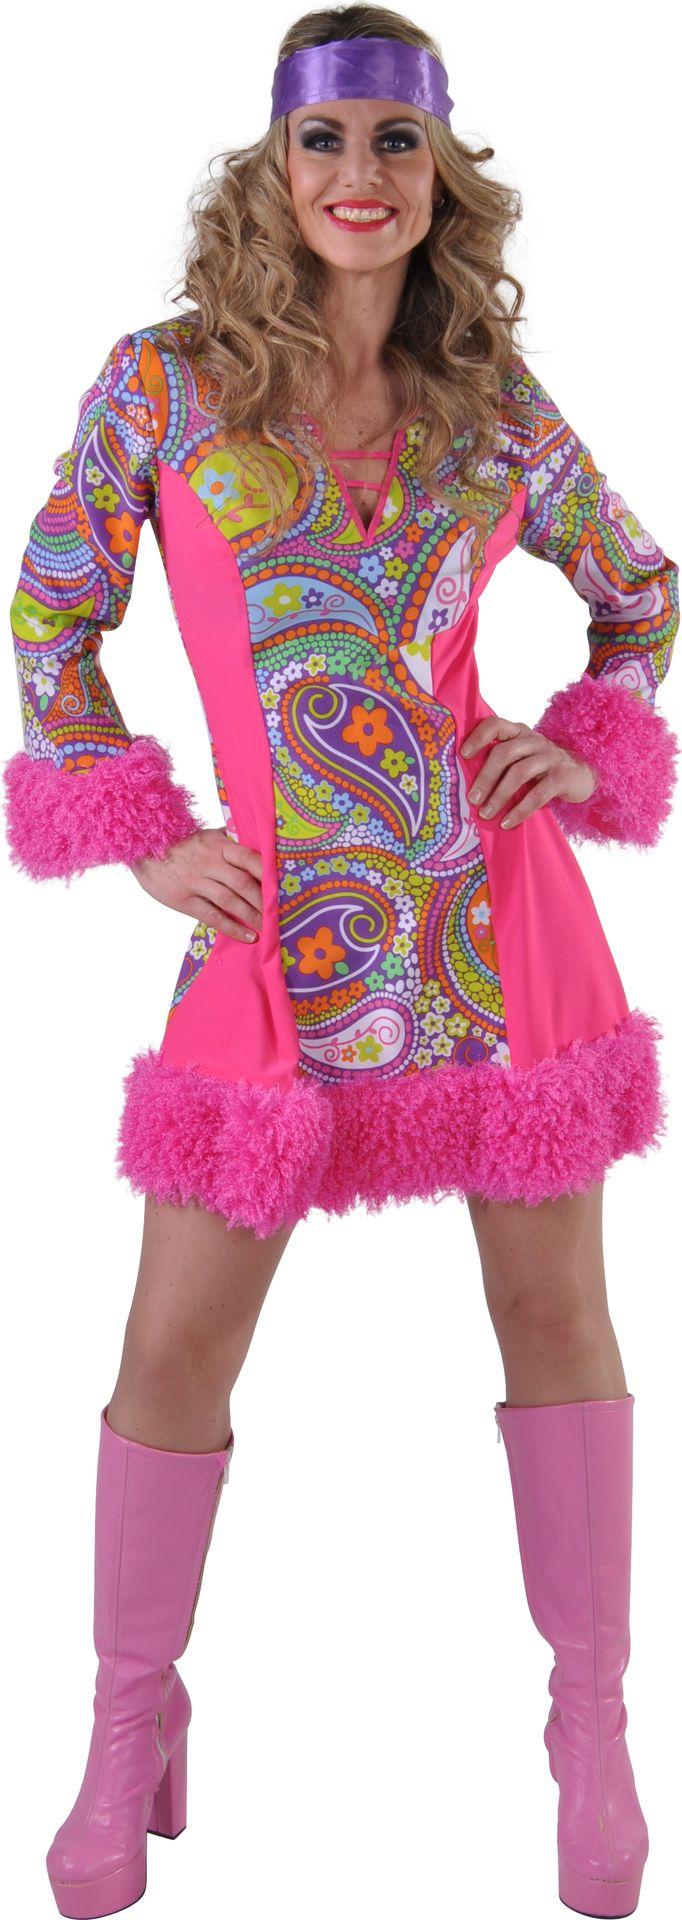 Roze funky jurkje